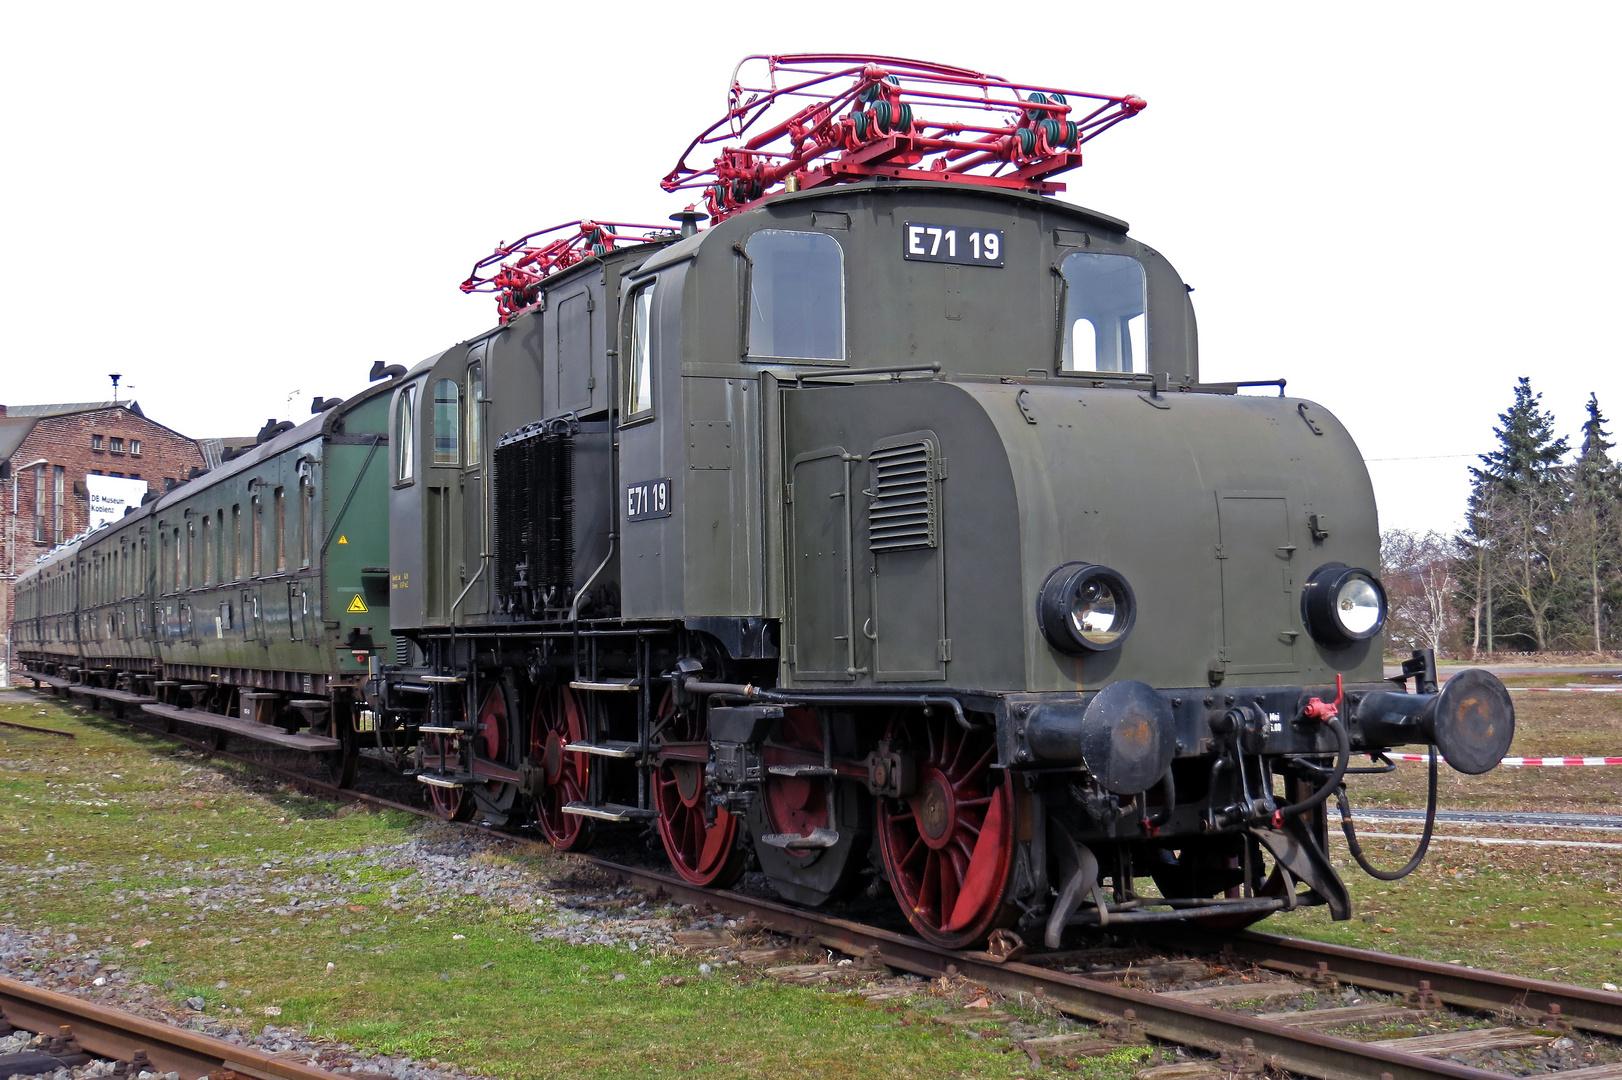 E71 mit preussischen Waggons